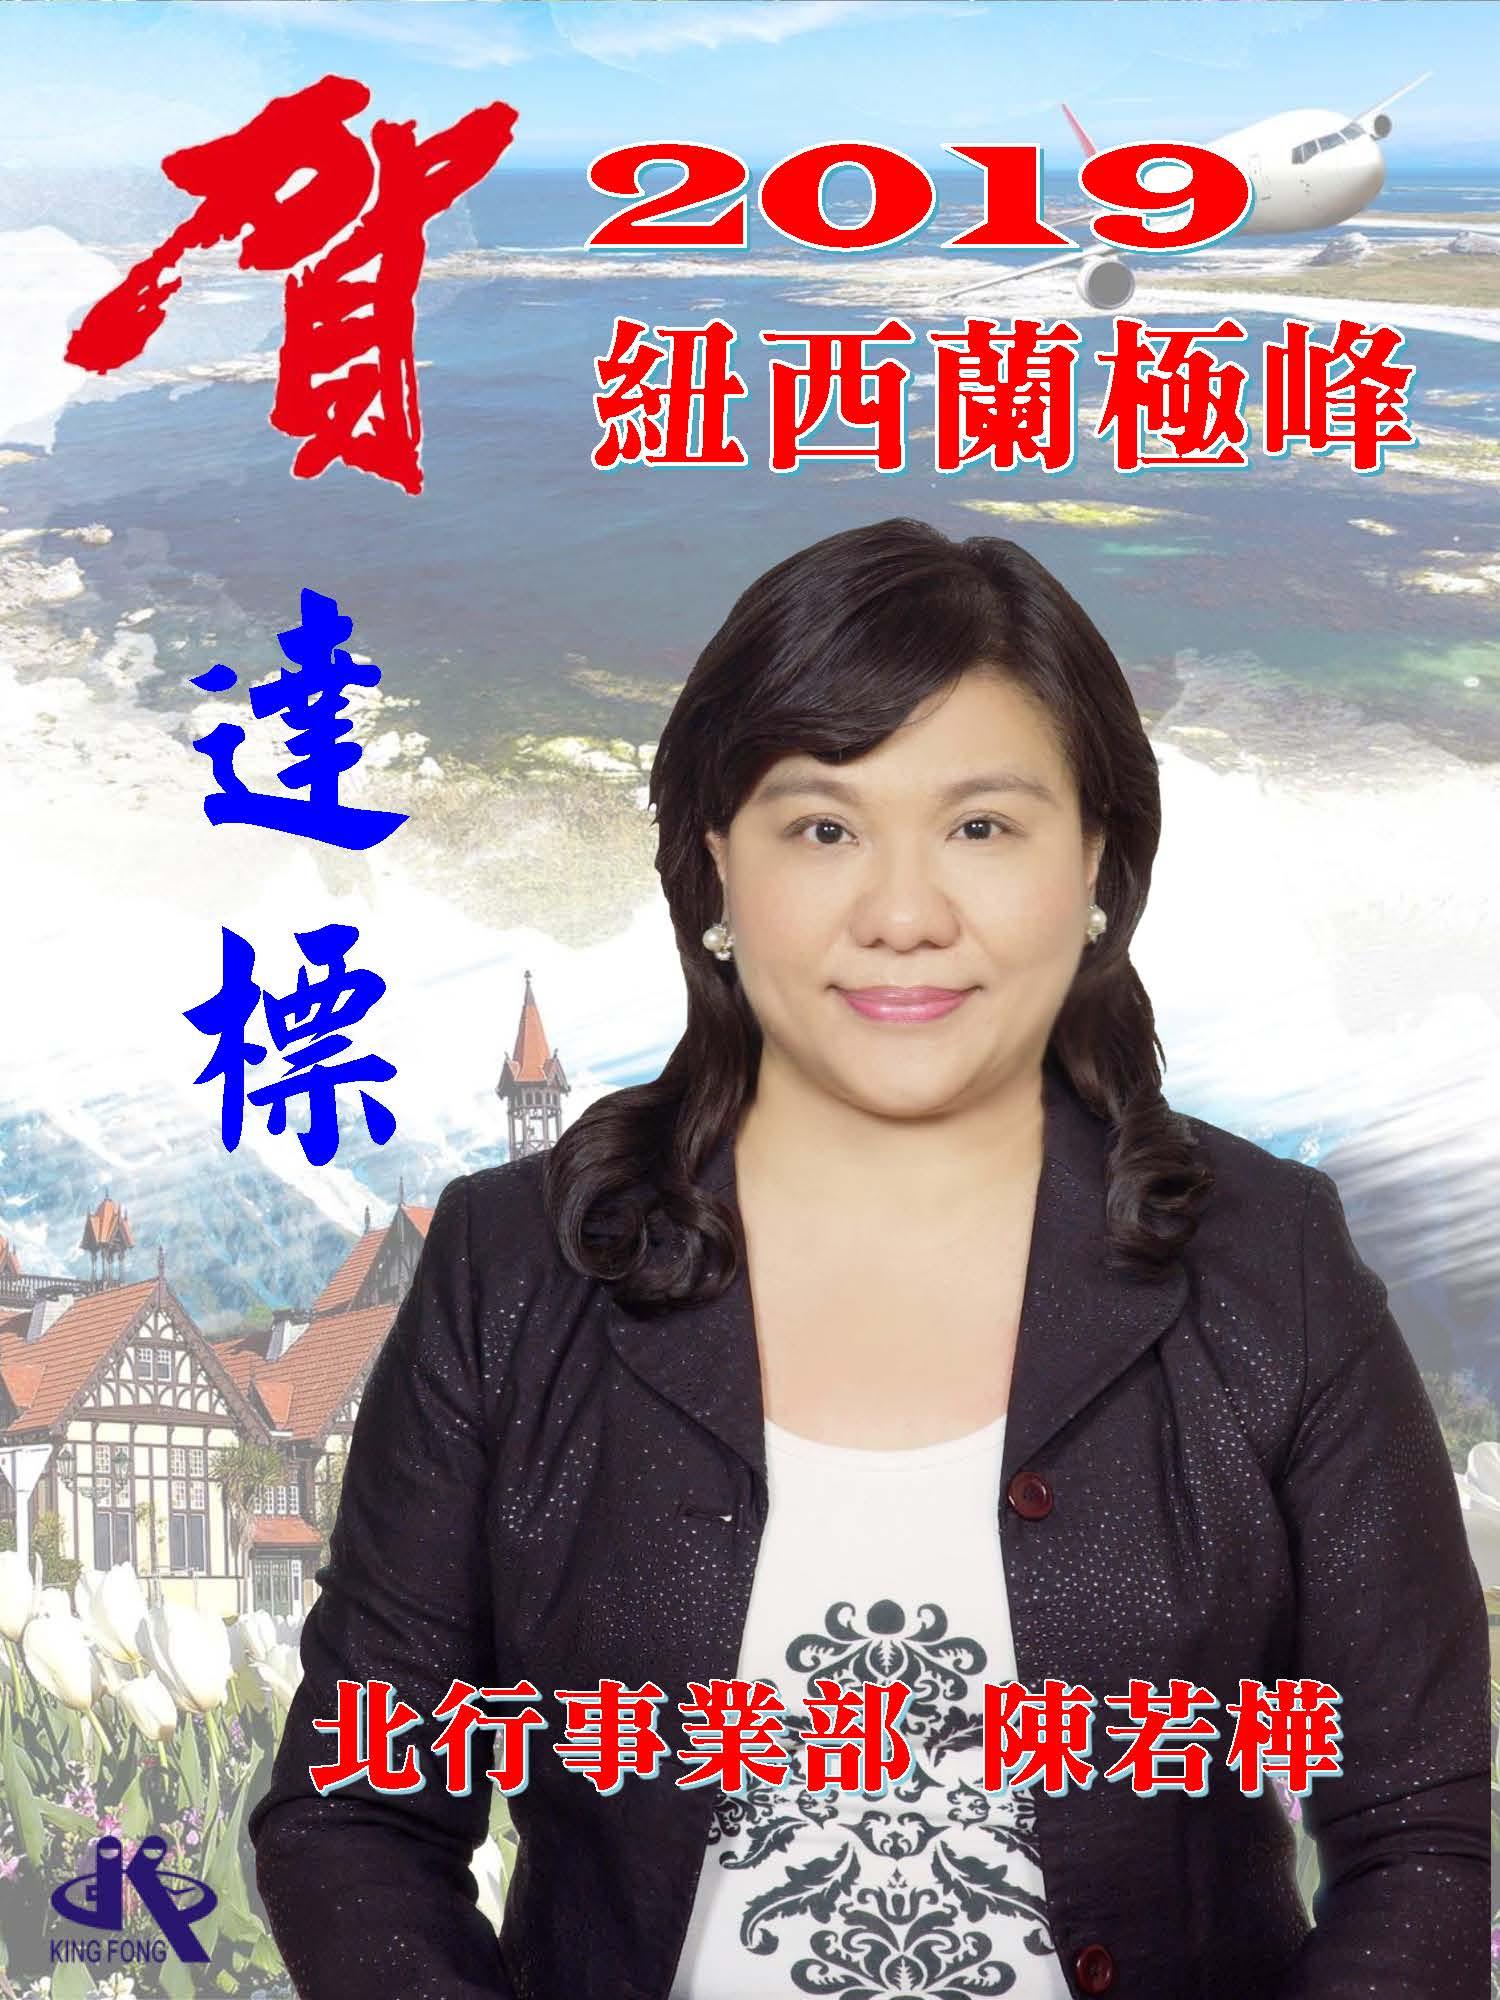 20190724-2019紐西蘭極峰達標-陳若樺